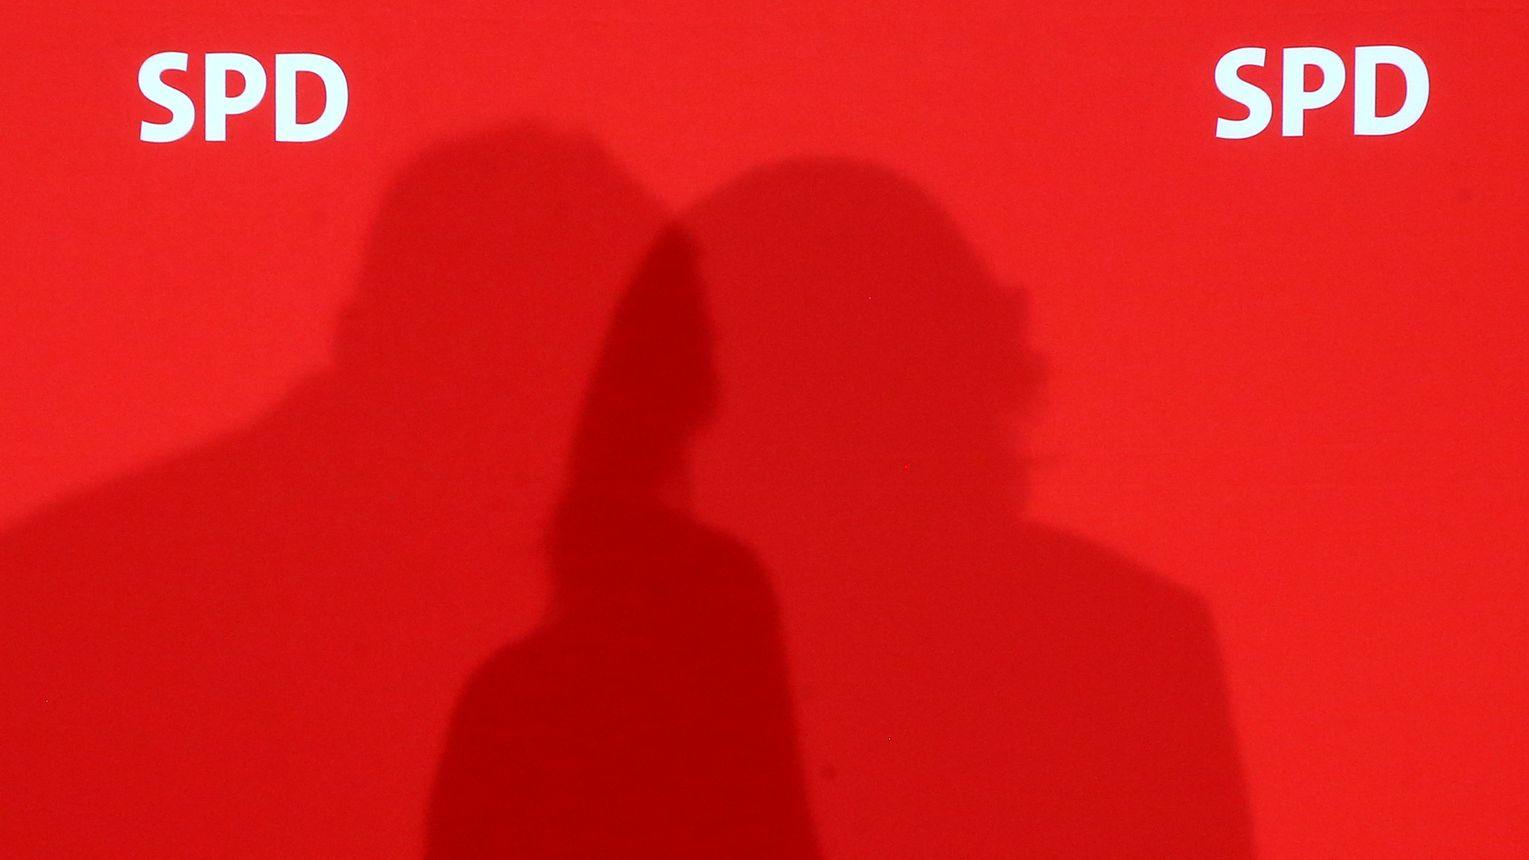 Das SPD-Logo auf einer roten Wand mit einem Schatten